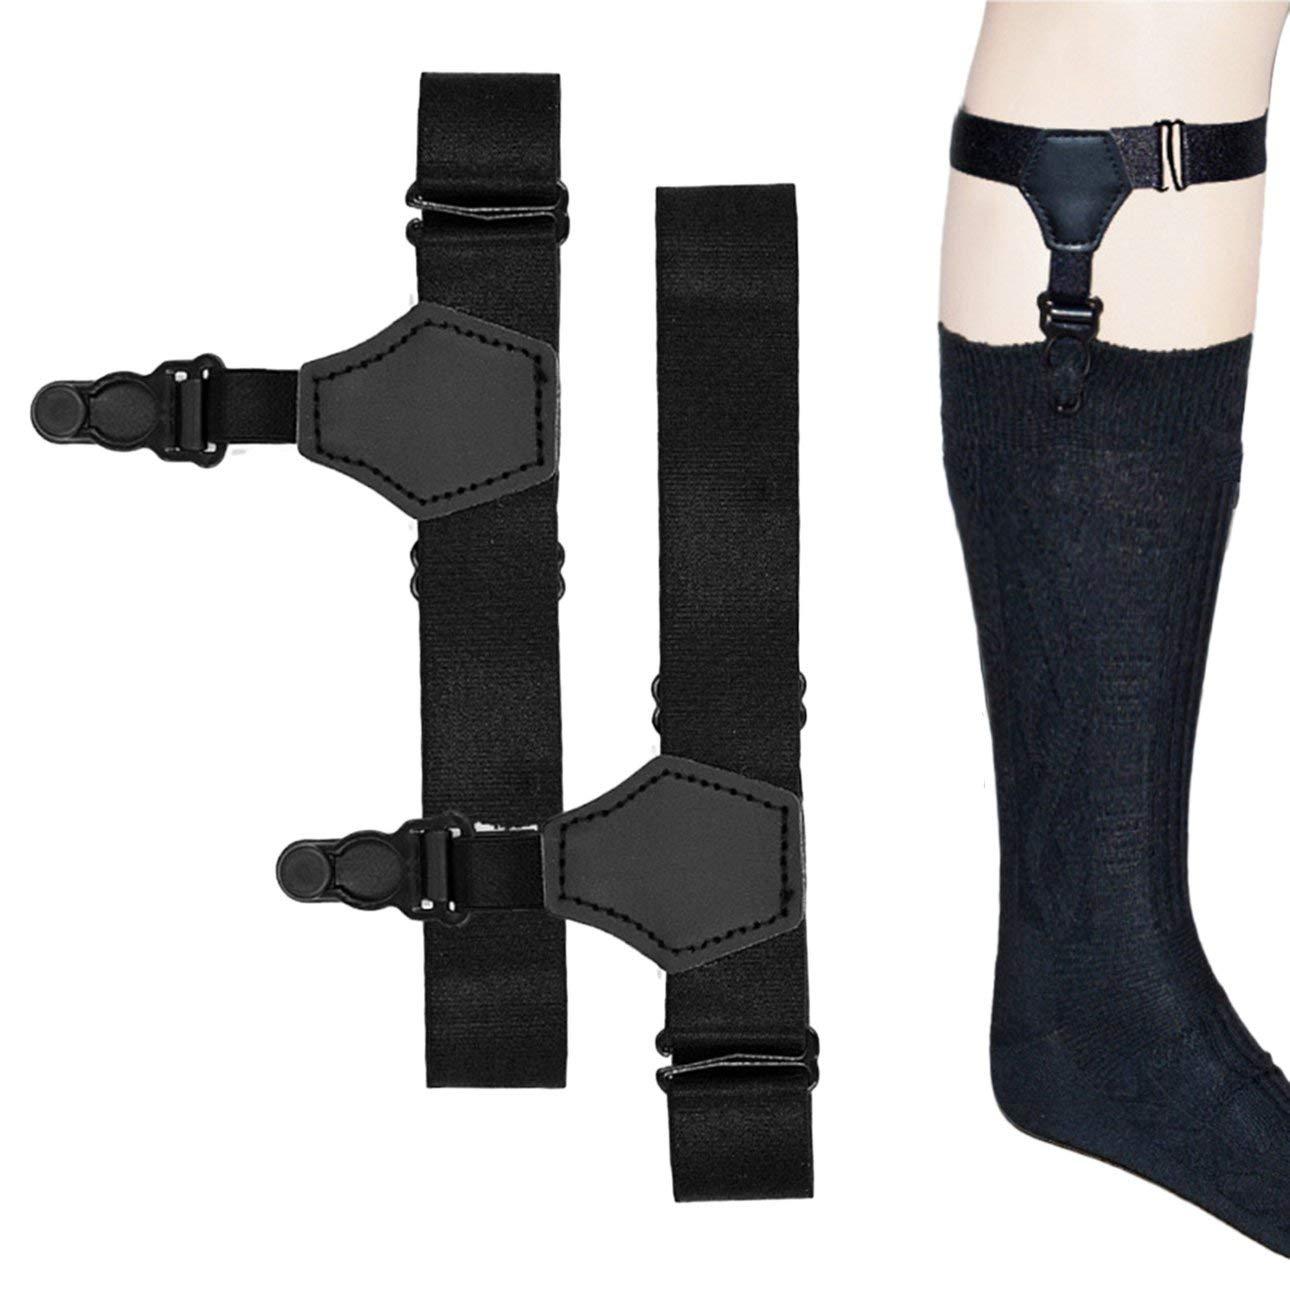 Pudincoco Men Garters 1 par de Liguero Individual Liguero Masculino Gancho Ajustable Sock Garter Liguero Alto el/ástico Accesorios Negro